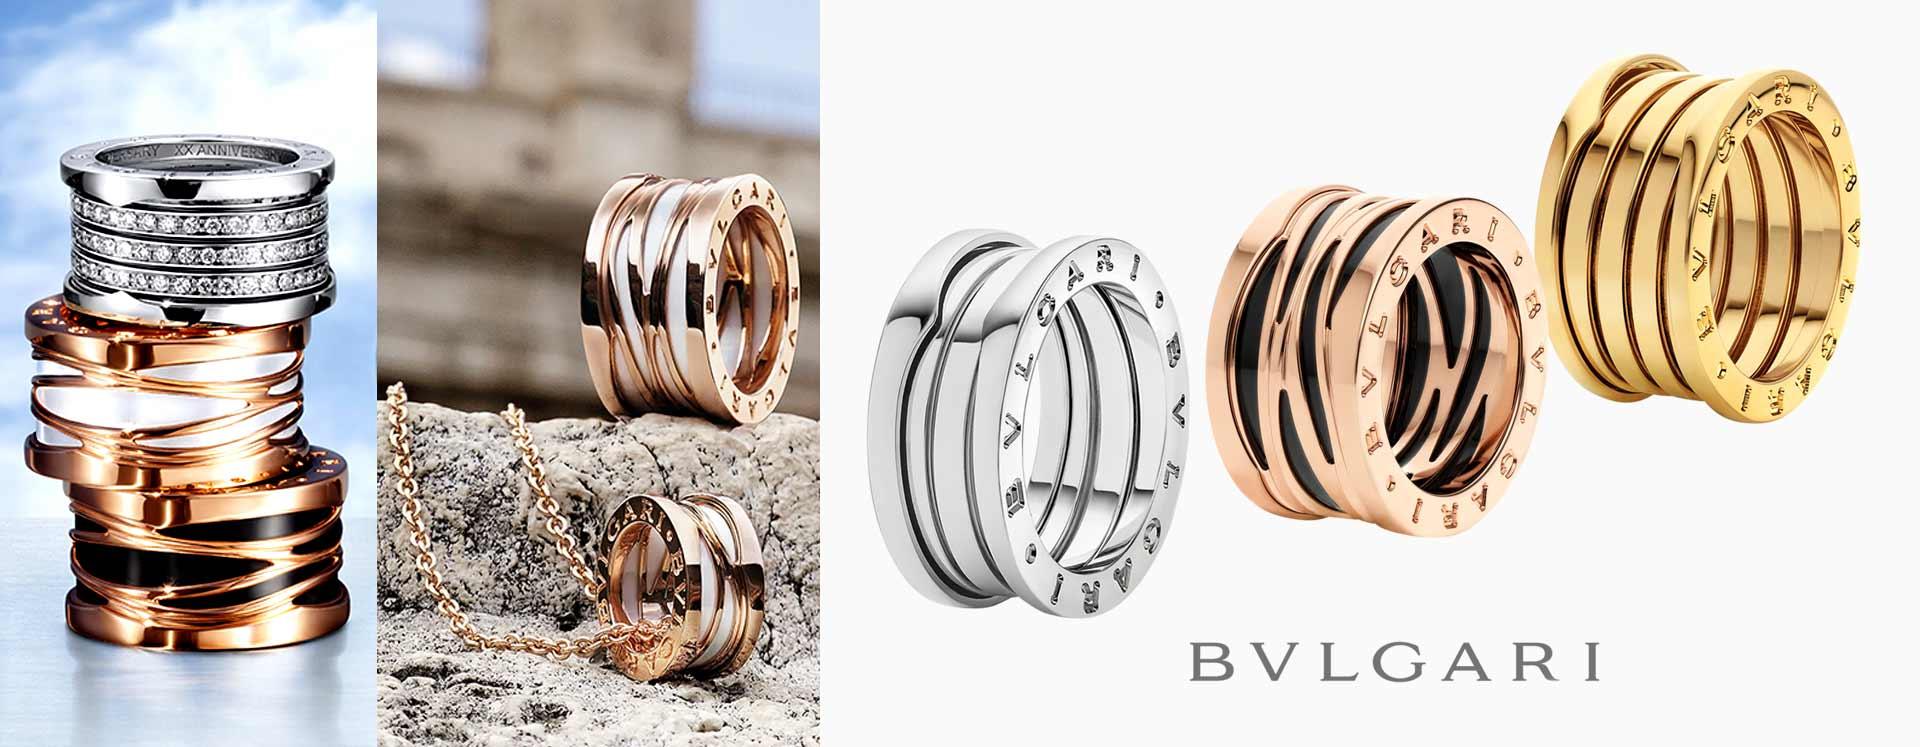 men's jewellery23 - برندهای لوکسی که موجب رونق جواهرات مردانه شده اند